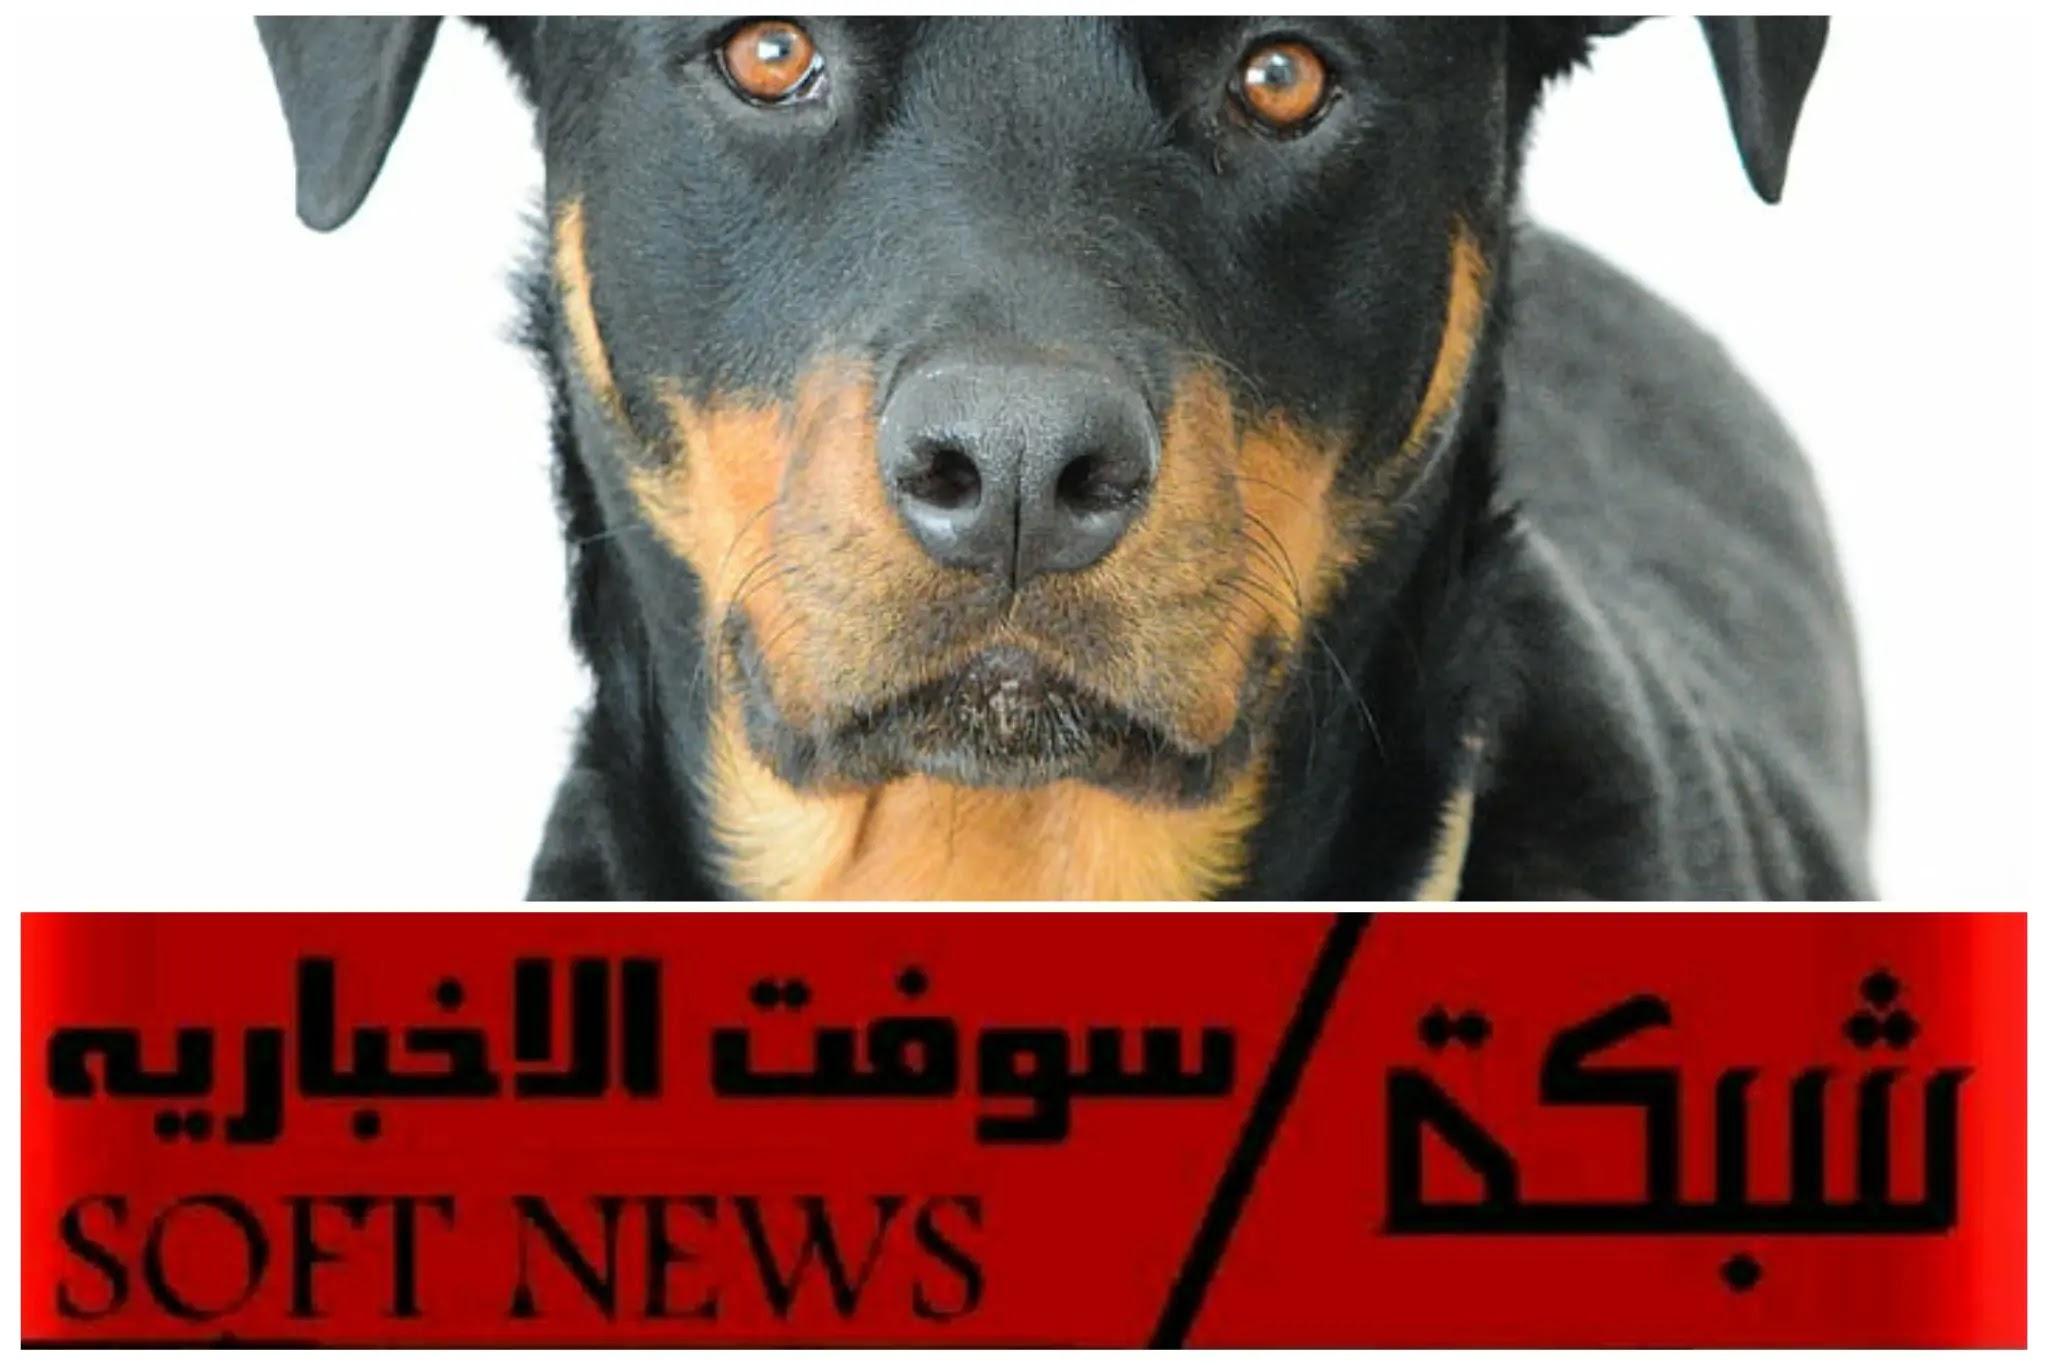 أخبار البحرين المحلية: البحرين تستخدم الكلاب للكشف عن المصابين با كوروناء